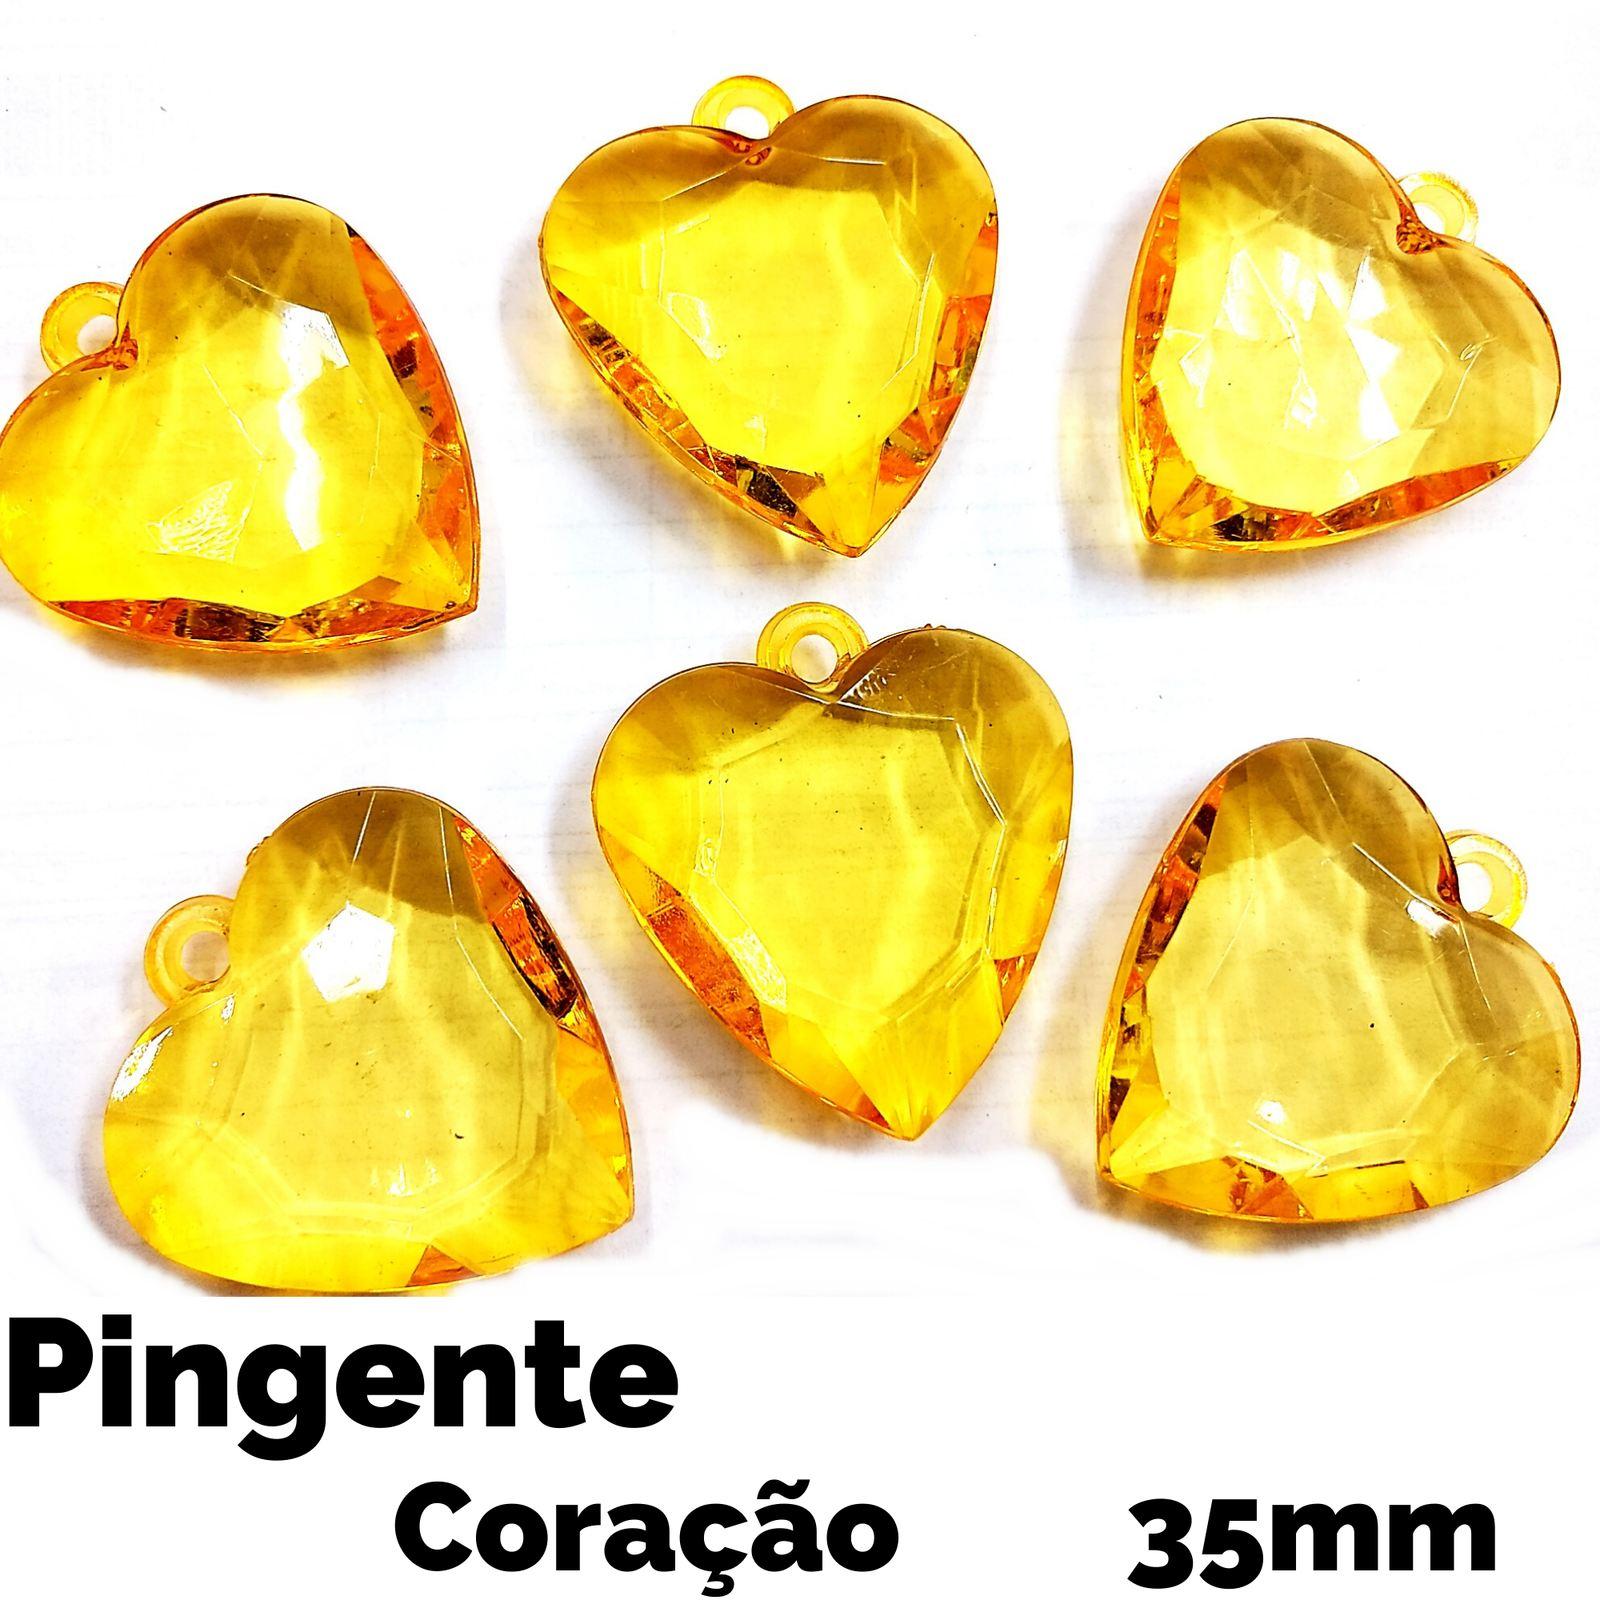 Pingente Coração Acrílico 35mm c/21 Unidades